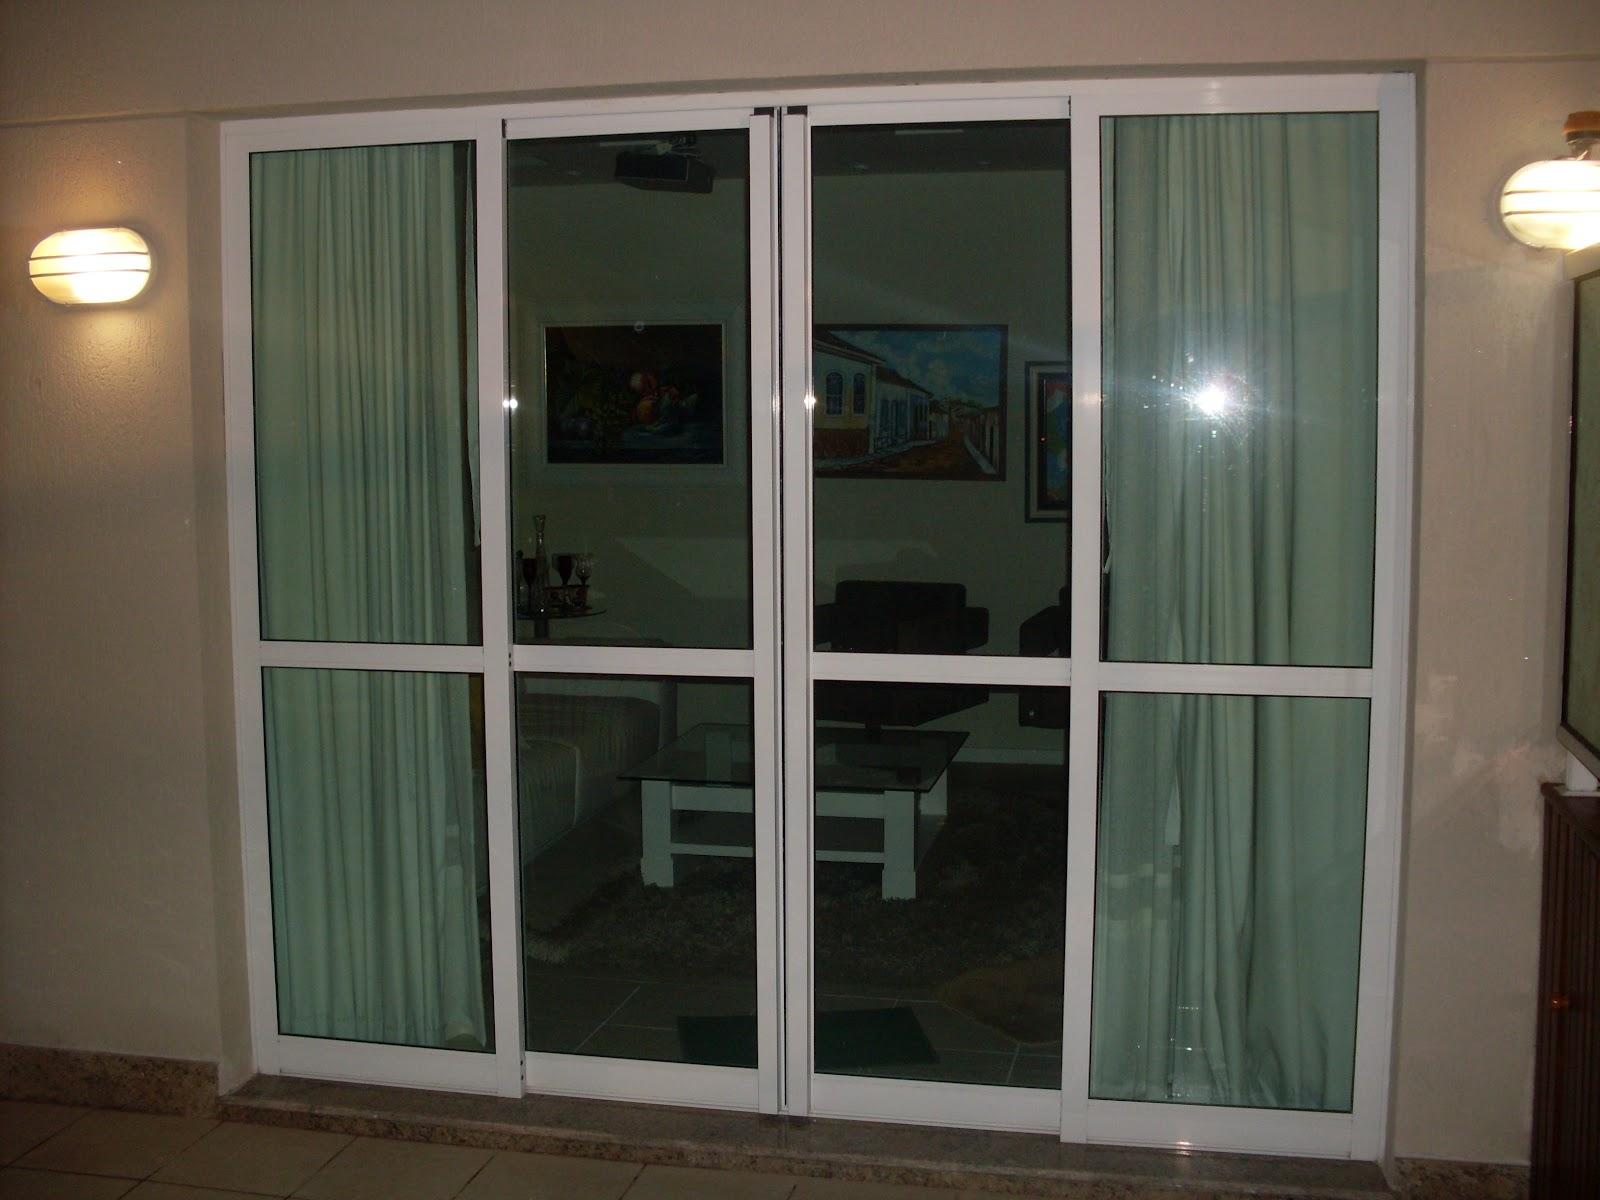 #866E45 Enzo Vidraçaria e Serralheria: Cobertura Condomínio Le Parc Barra 518 Janelas Em Aluminio Branco Rj